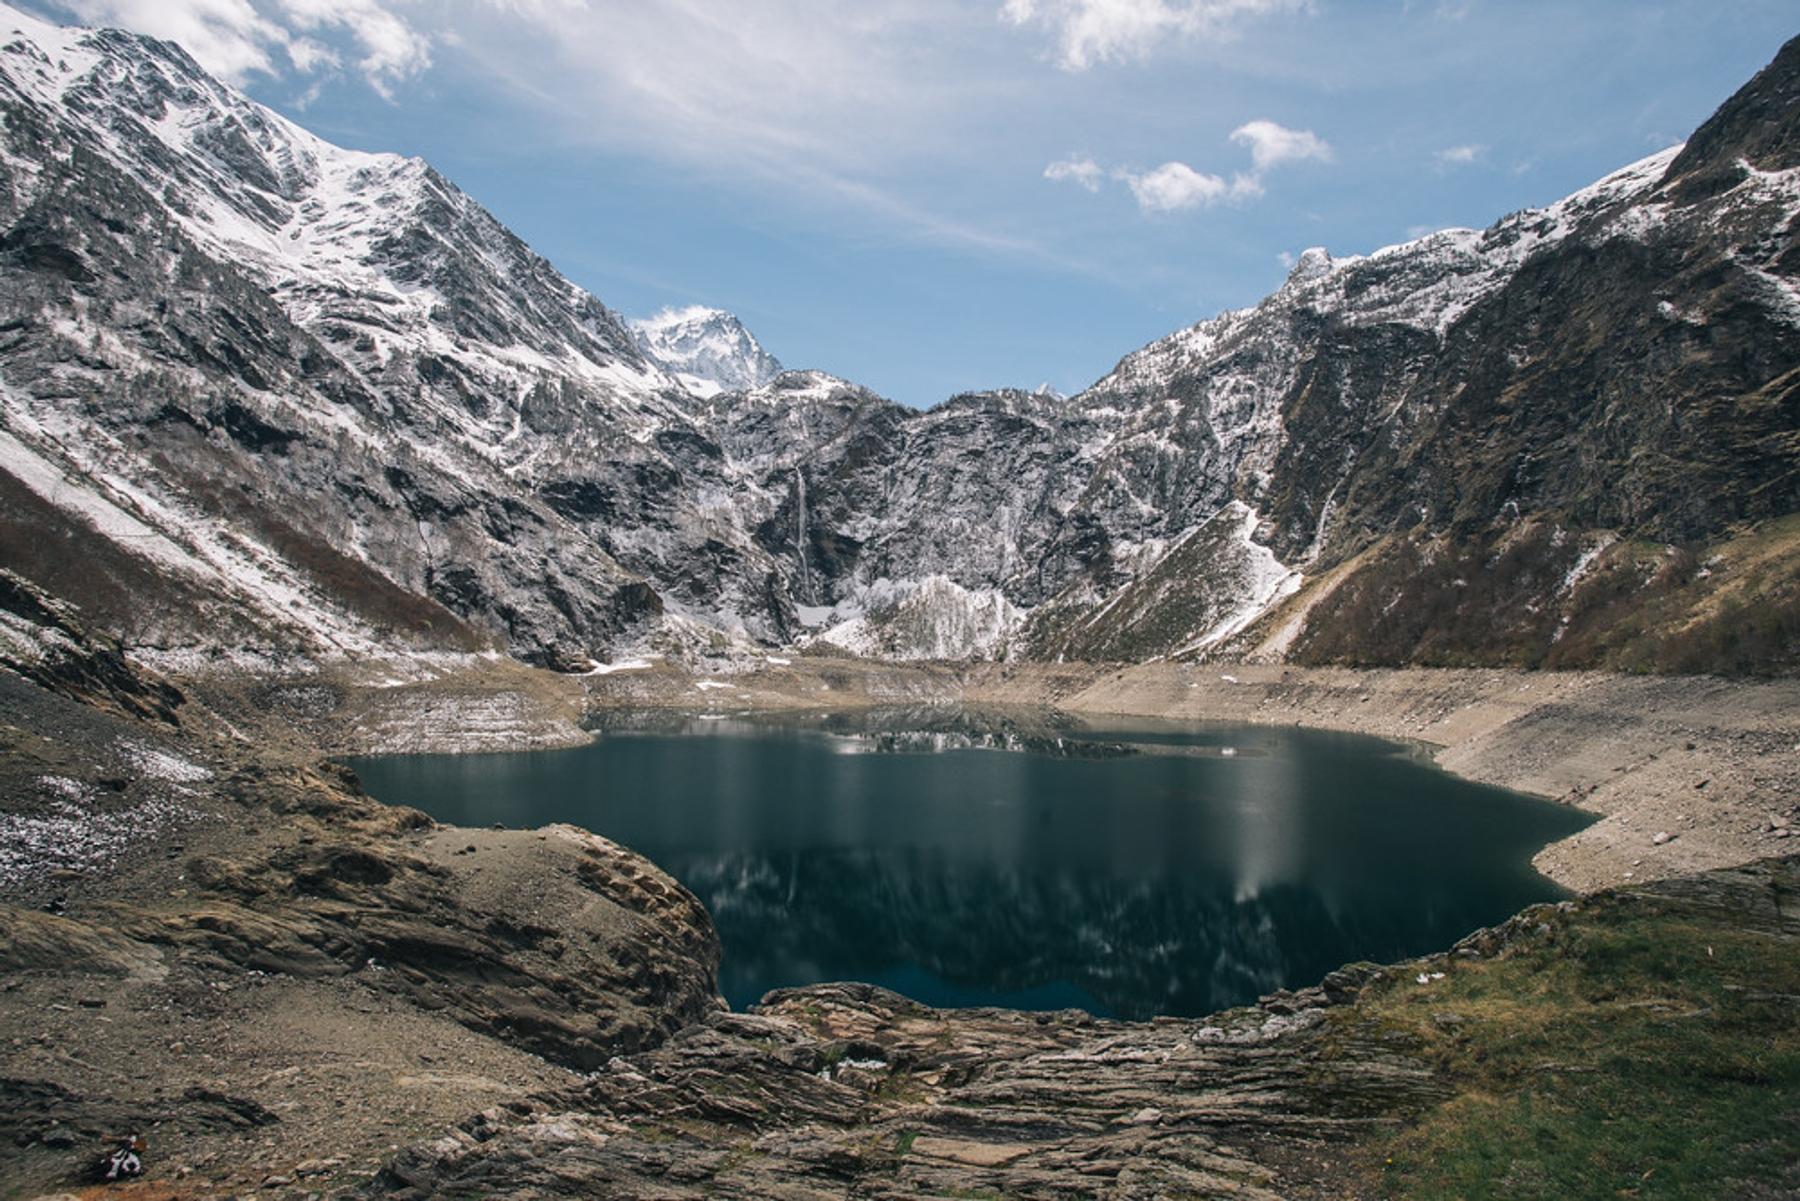 Le profond lac d'Oô et ses montagnes avoisinantes.